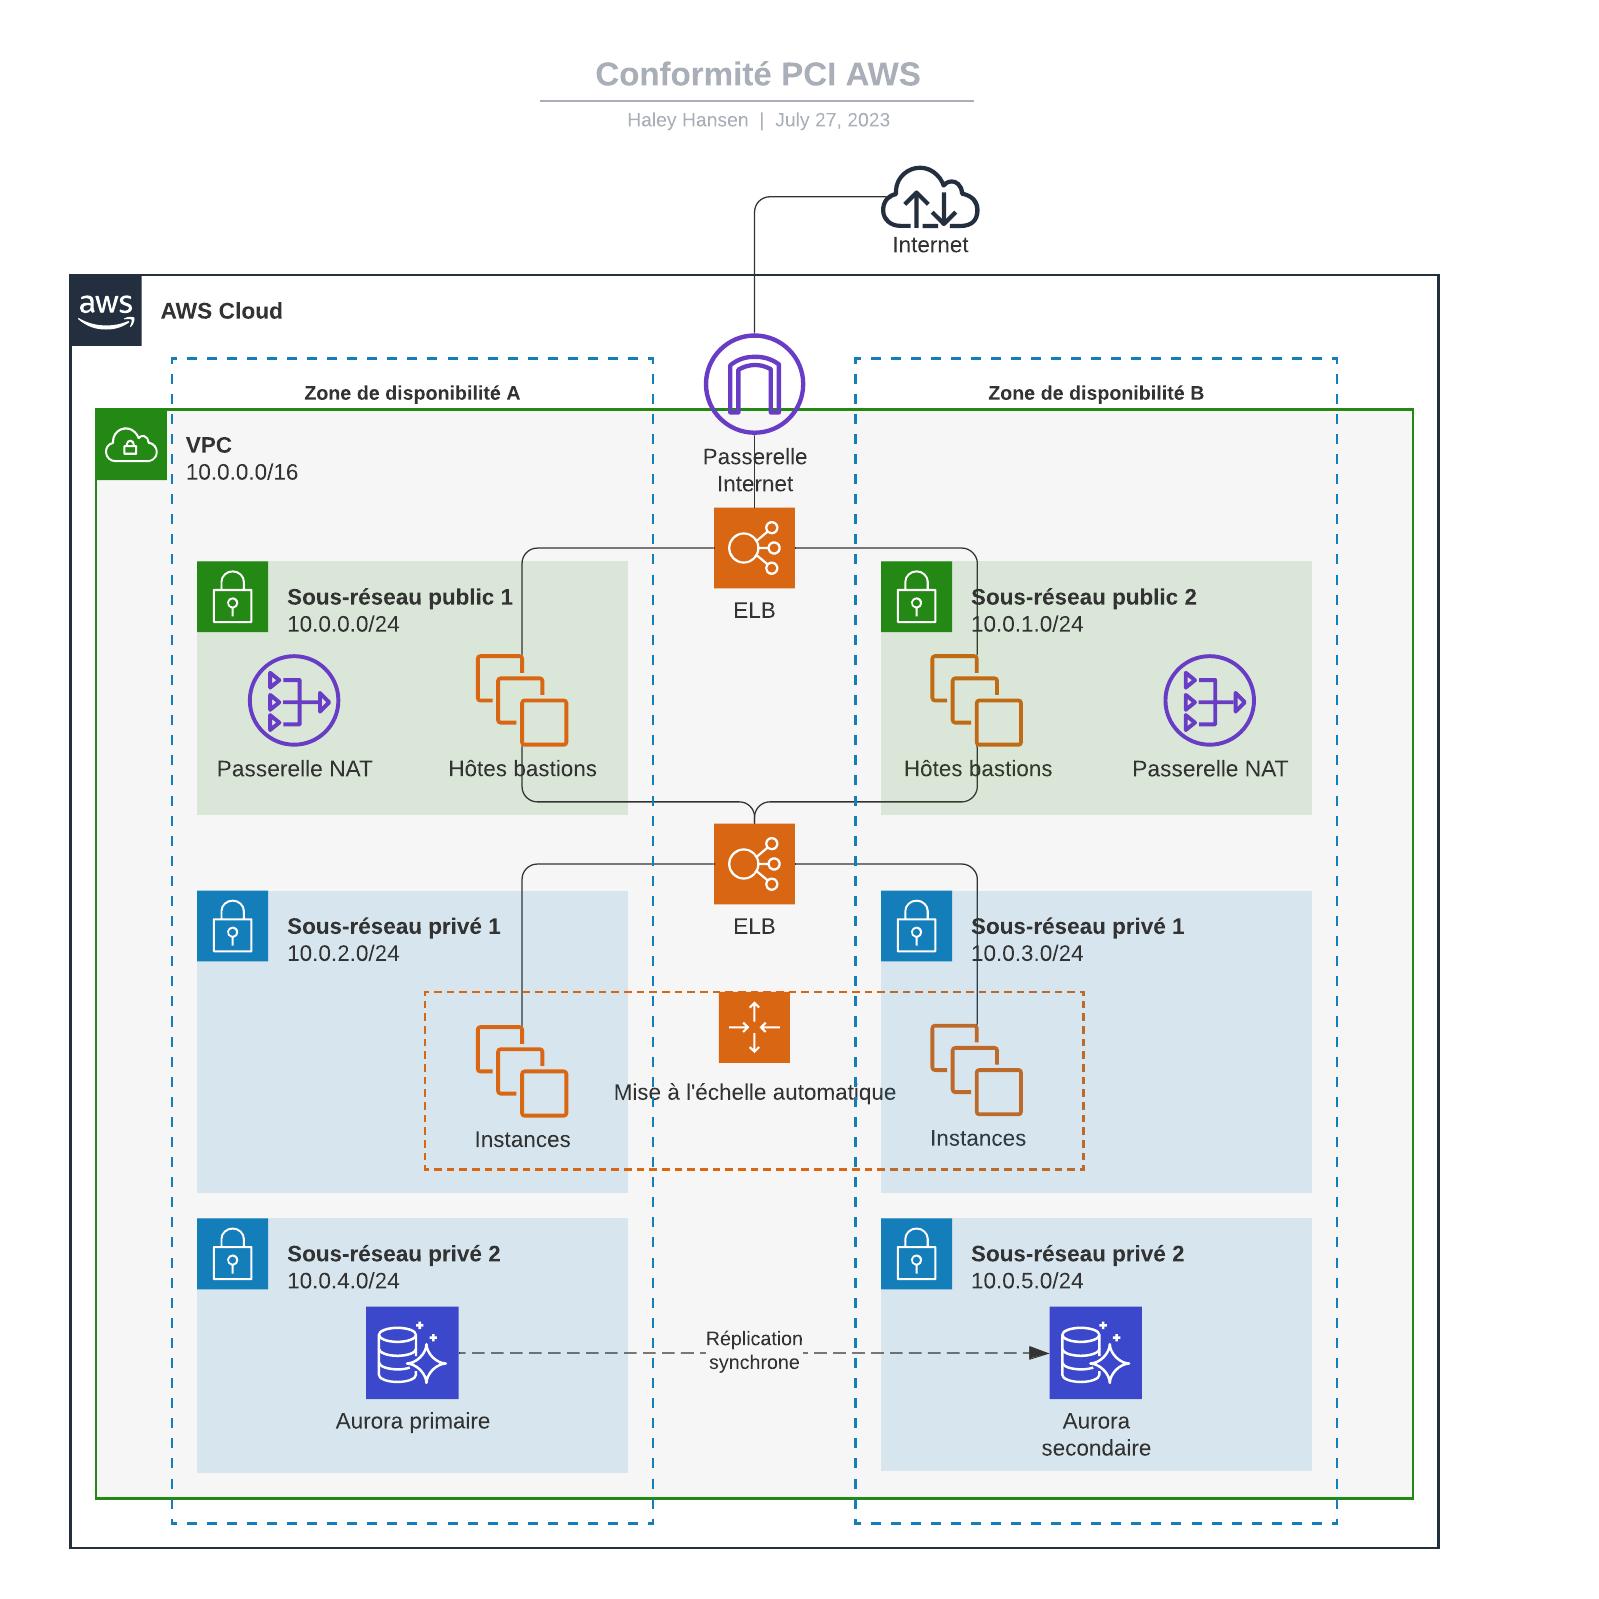 exemple d'architecture standard pour la conformité PCI AWS